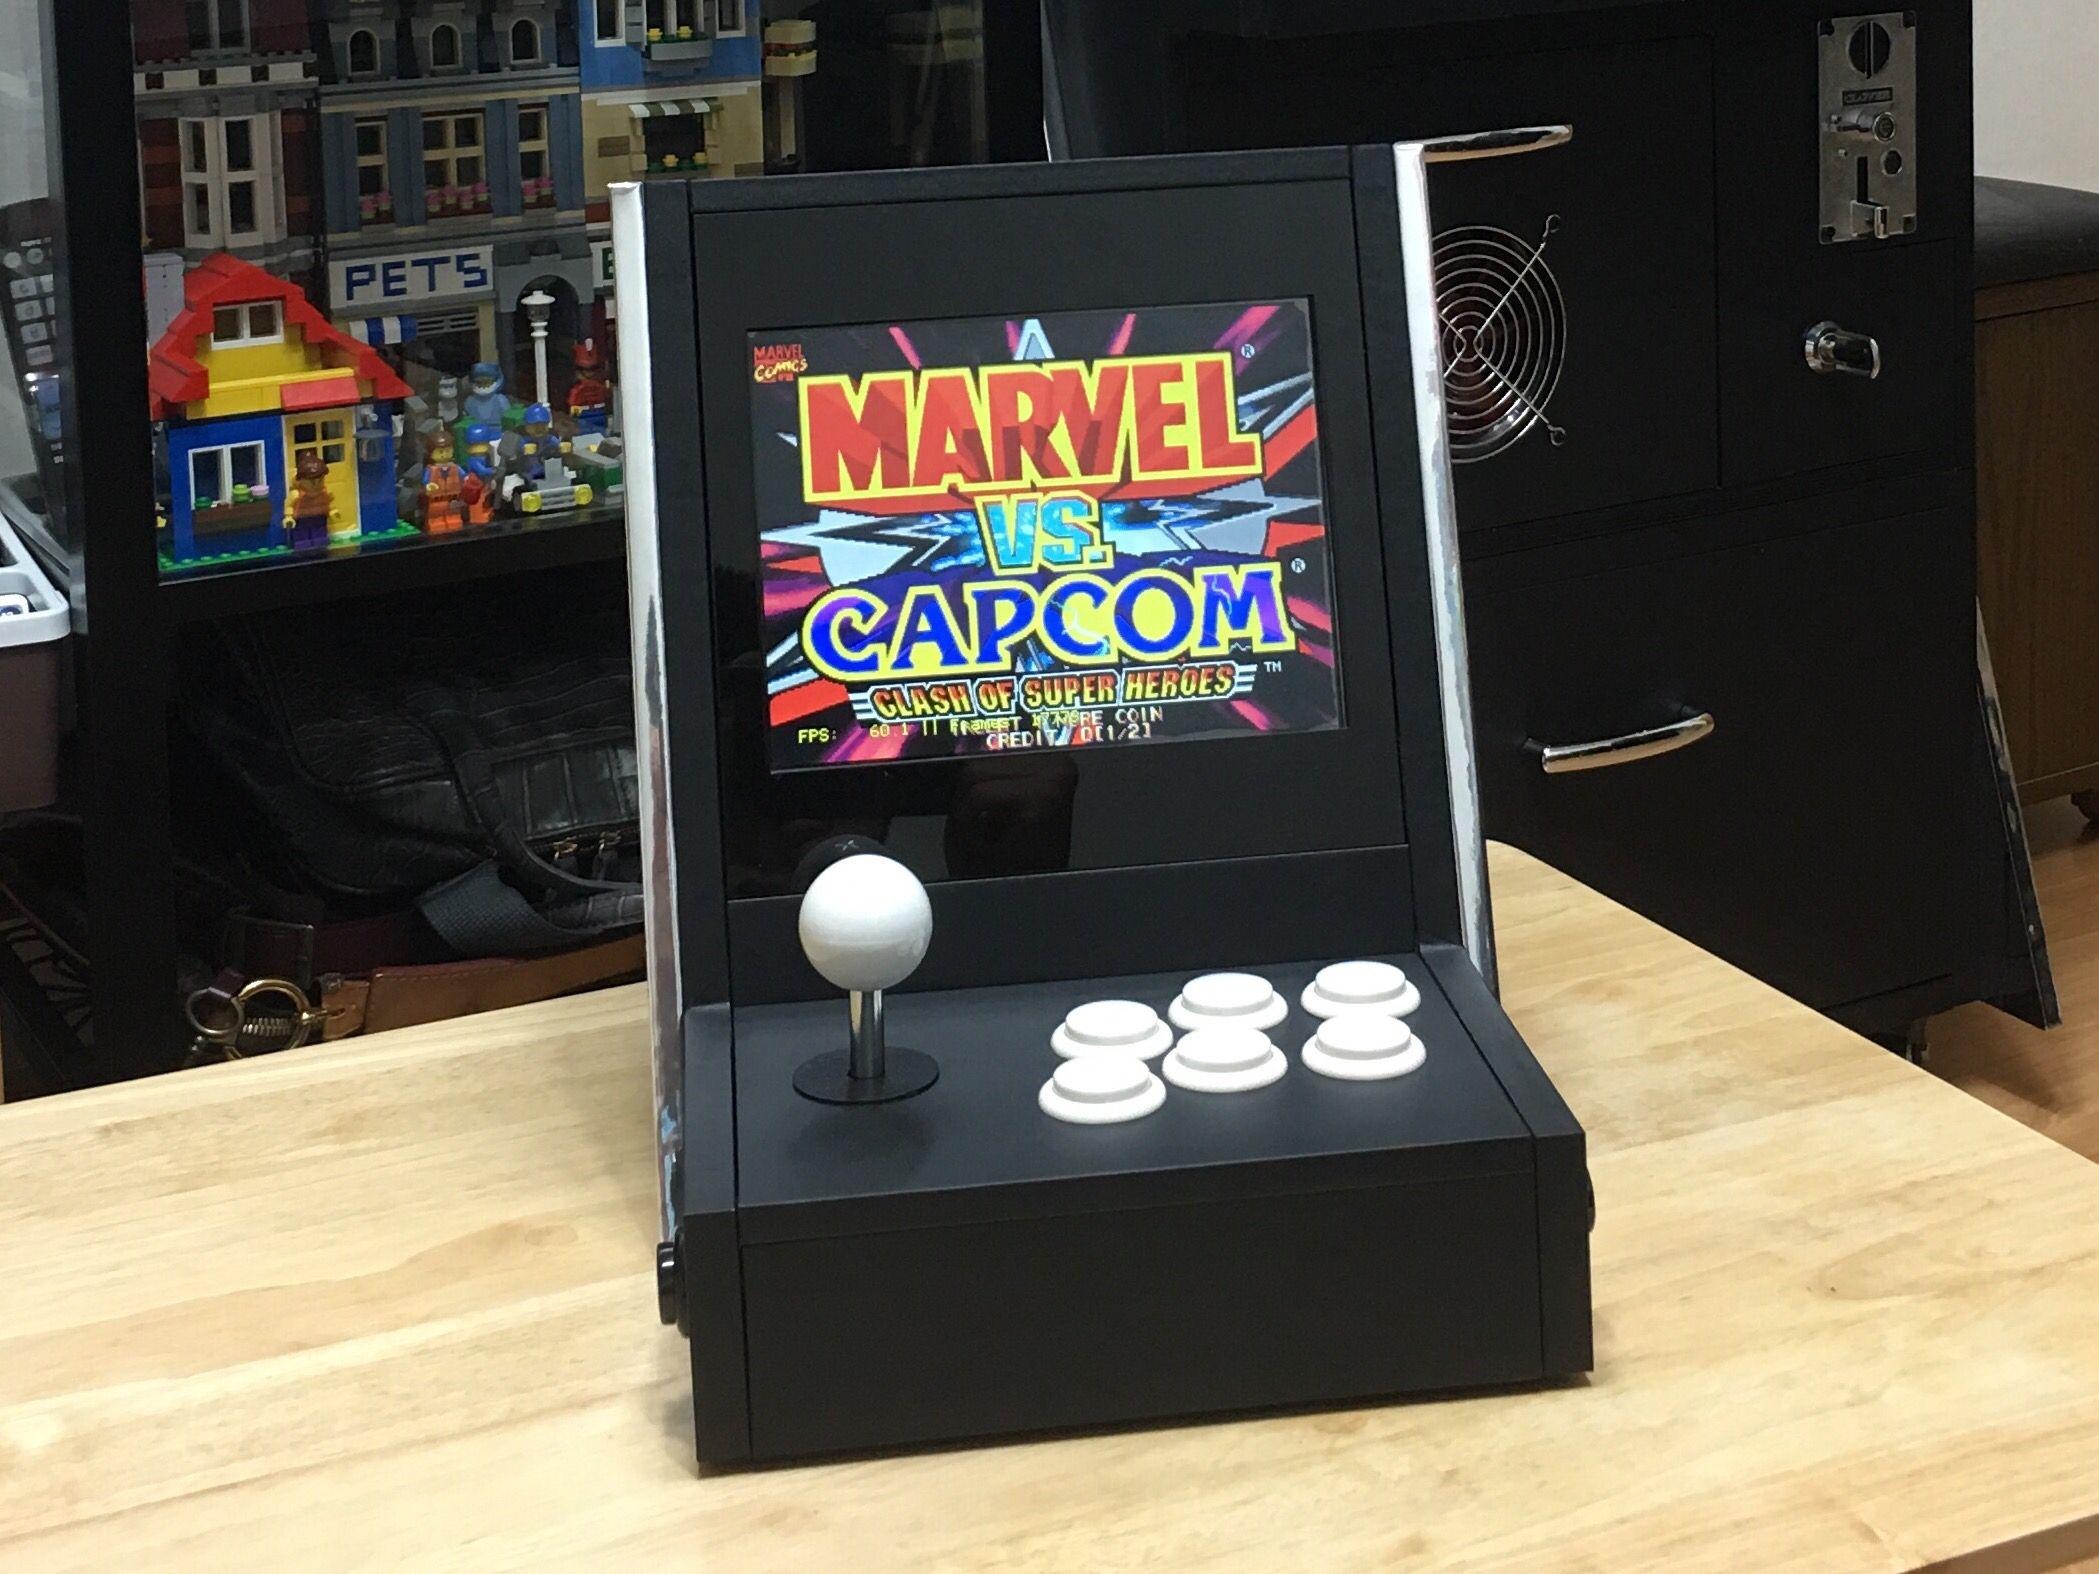 DIY bartop arcade | My DIY arcade | Arcade games, Arcade